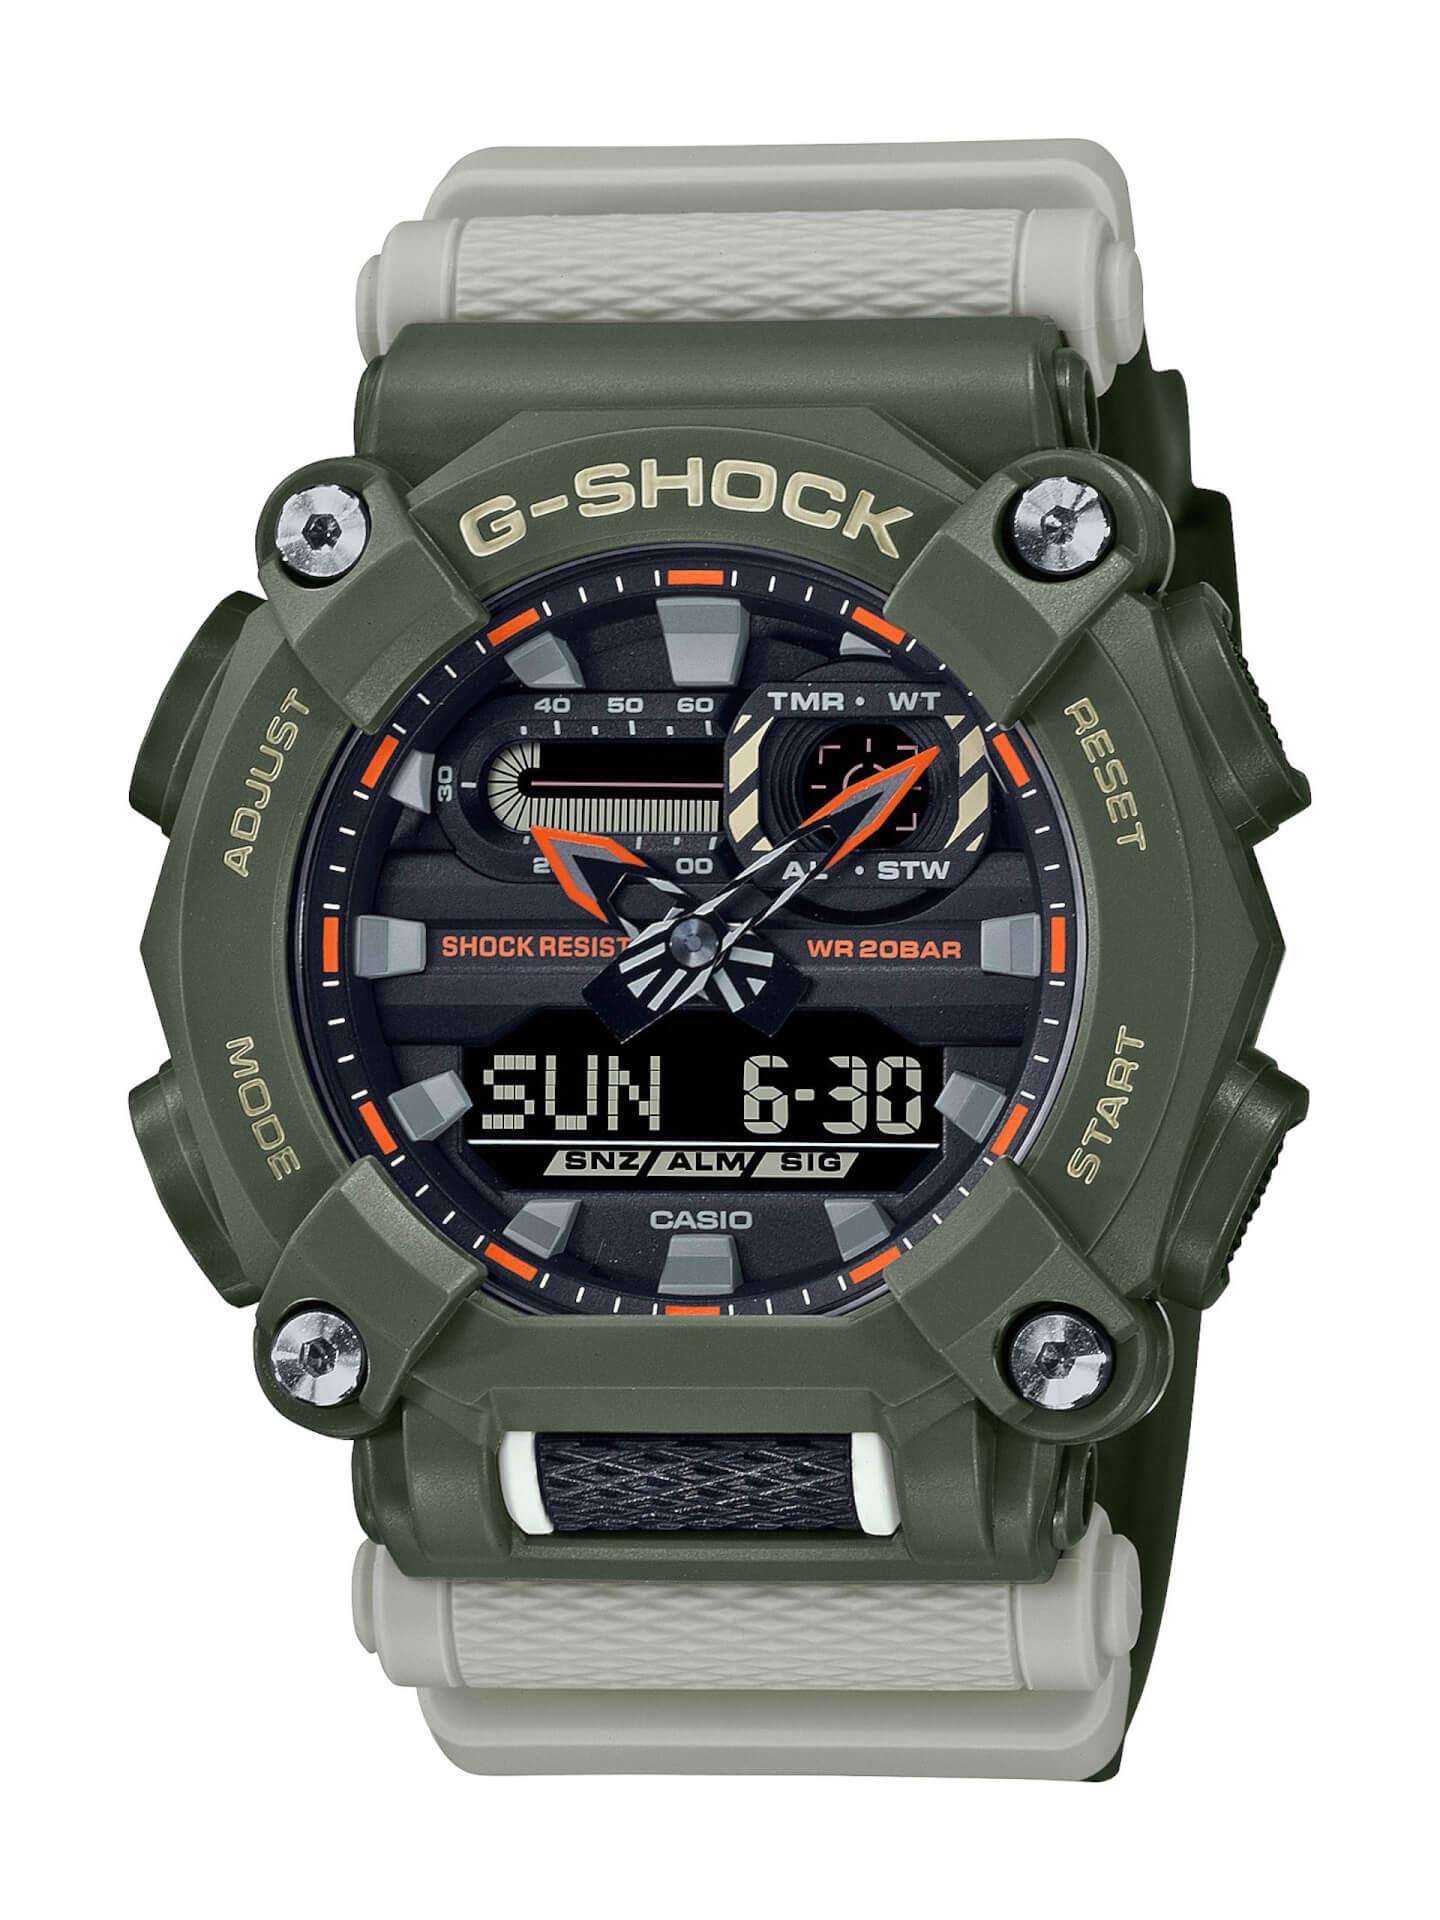 G-SHOCKから「HIDDEN COAST」をテーマにした夏のシーズンカラー登場!GA-2000、GA-2100、GA-900の3種類 tech210507_g_shock_4